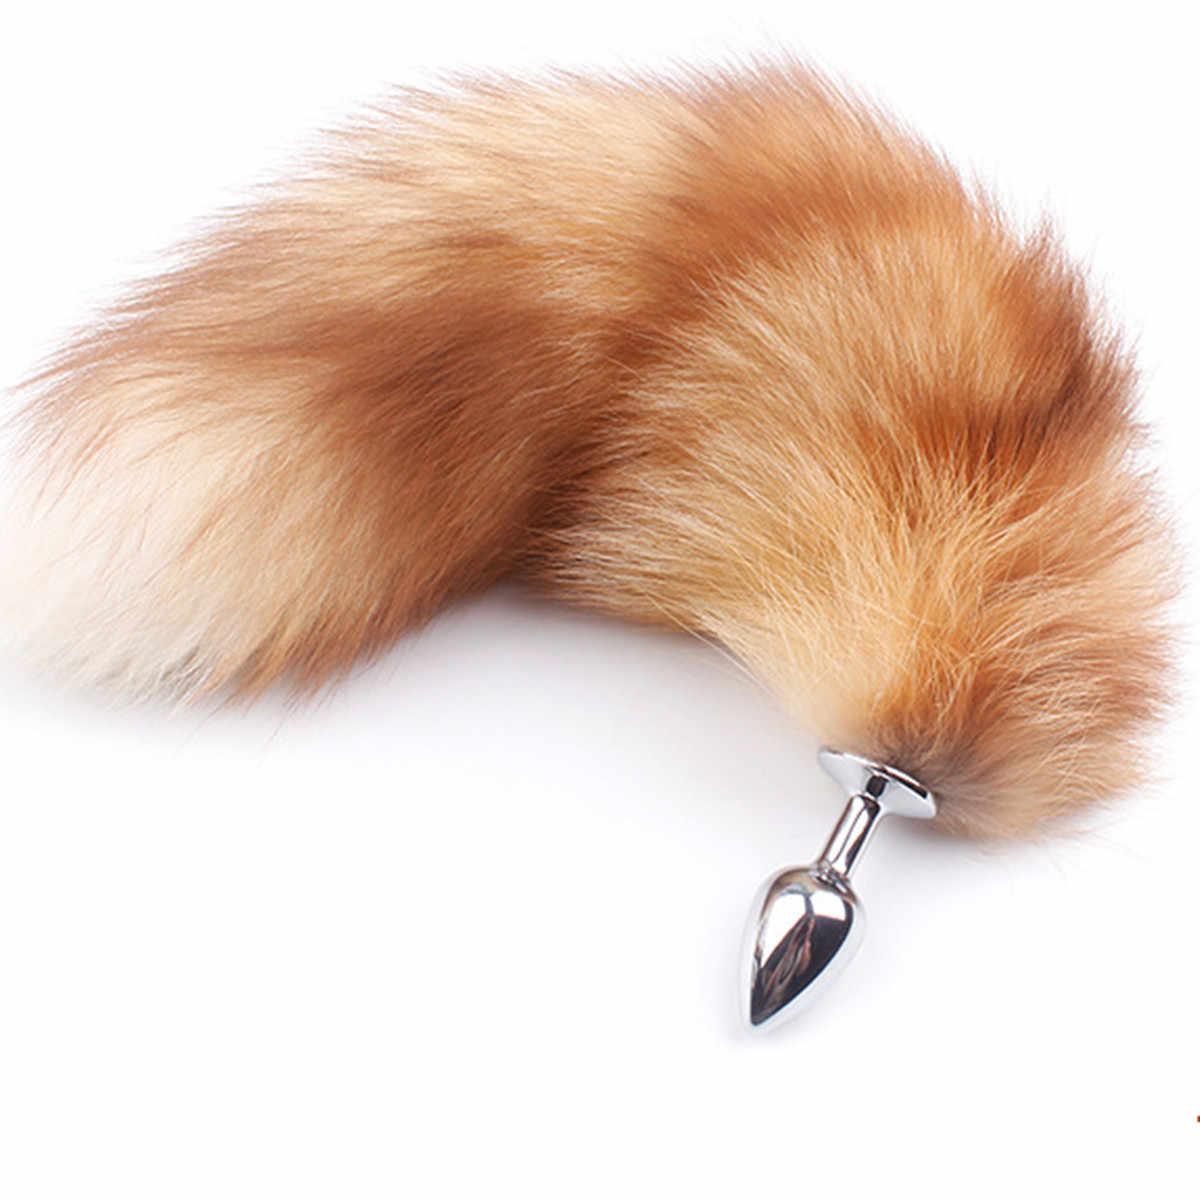 2019 nuevo llavero Grande Real Golden Fox Tail Novetly Unisex accesorios para Cosplay parejas vida flirteo cola Anal Plug colgante